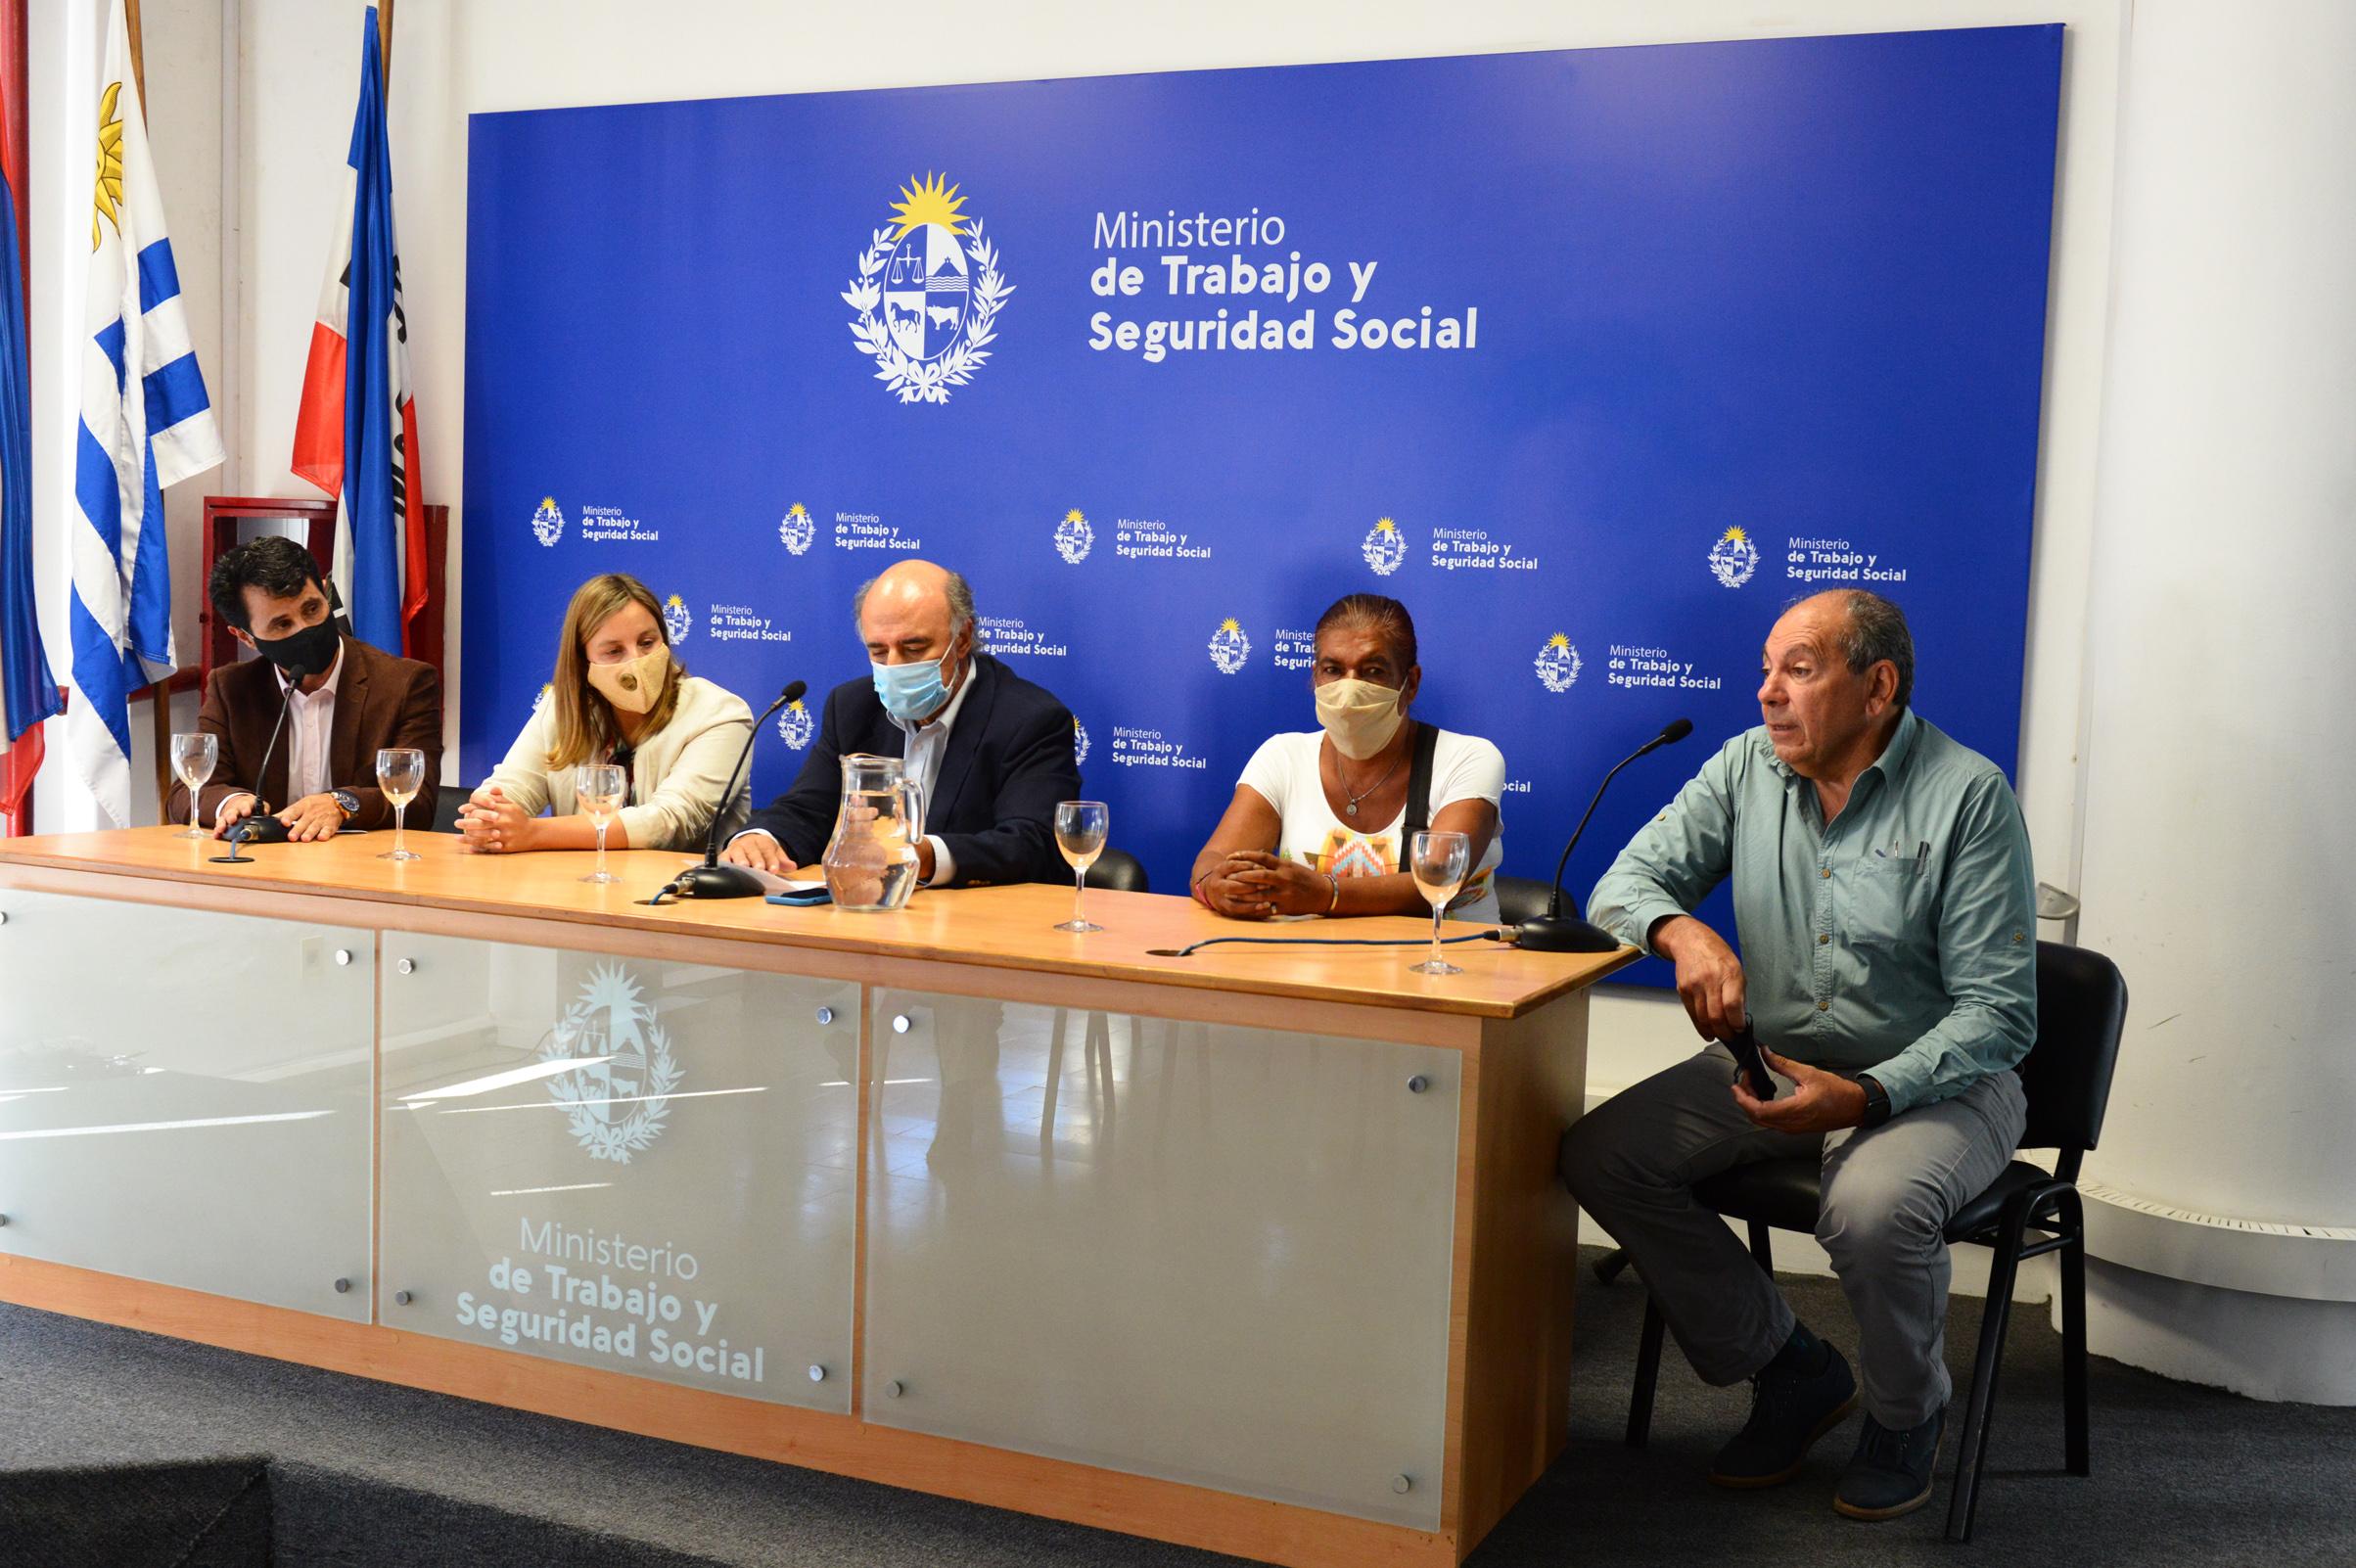 Ministro de Trabajo y Seguridad Social, Pablo Mieres, encabezó conferencia de prensa de presentación del formulario de registro para clasificadores